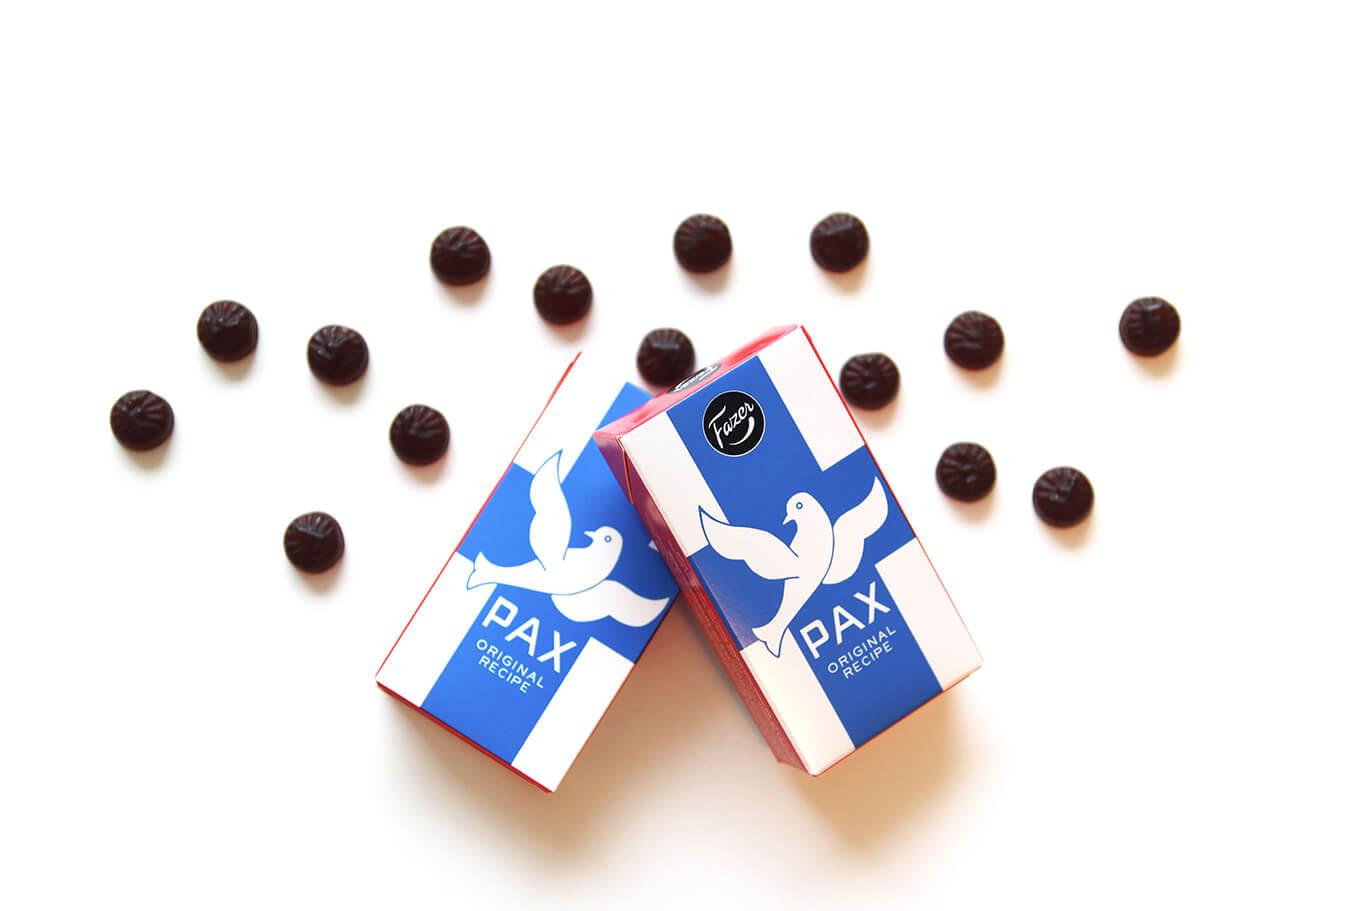 50-luvun mainoksia: Pax-pastilli